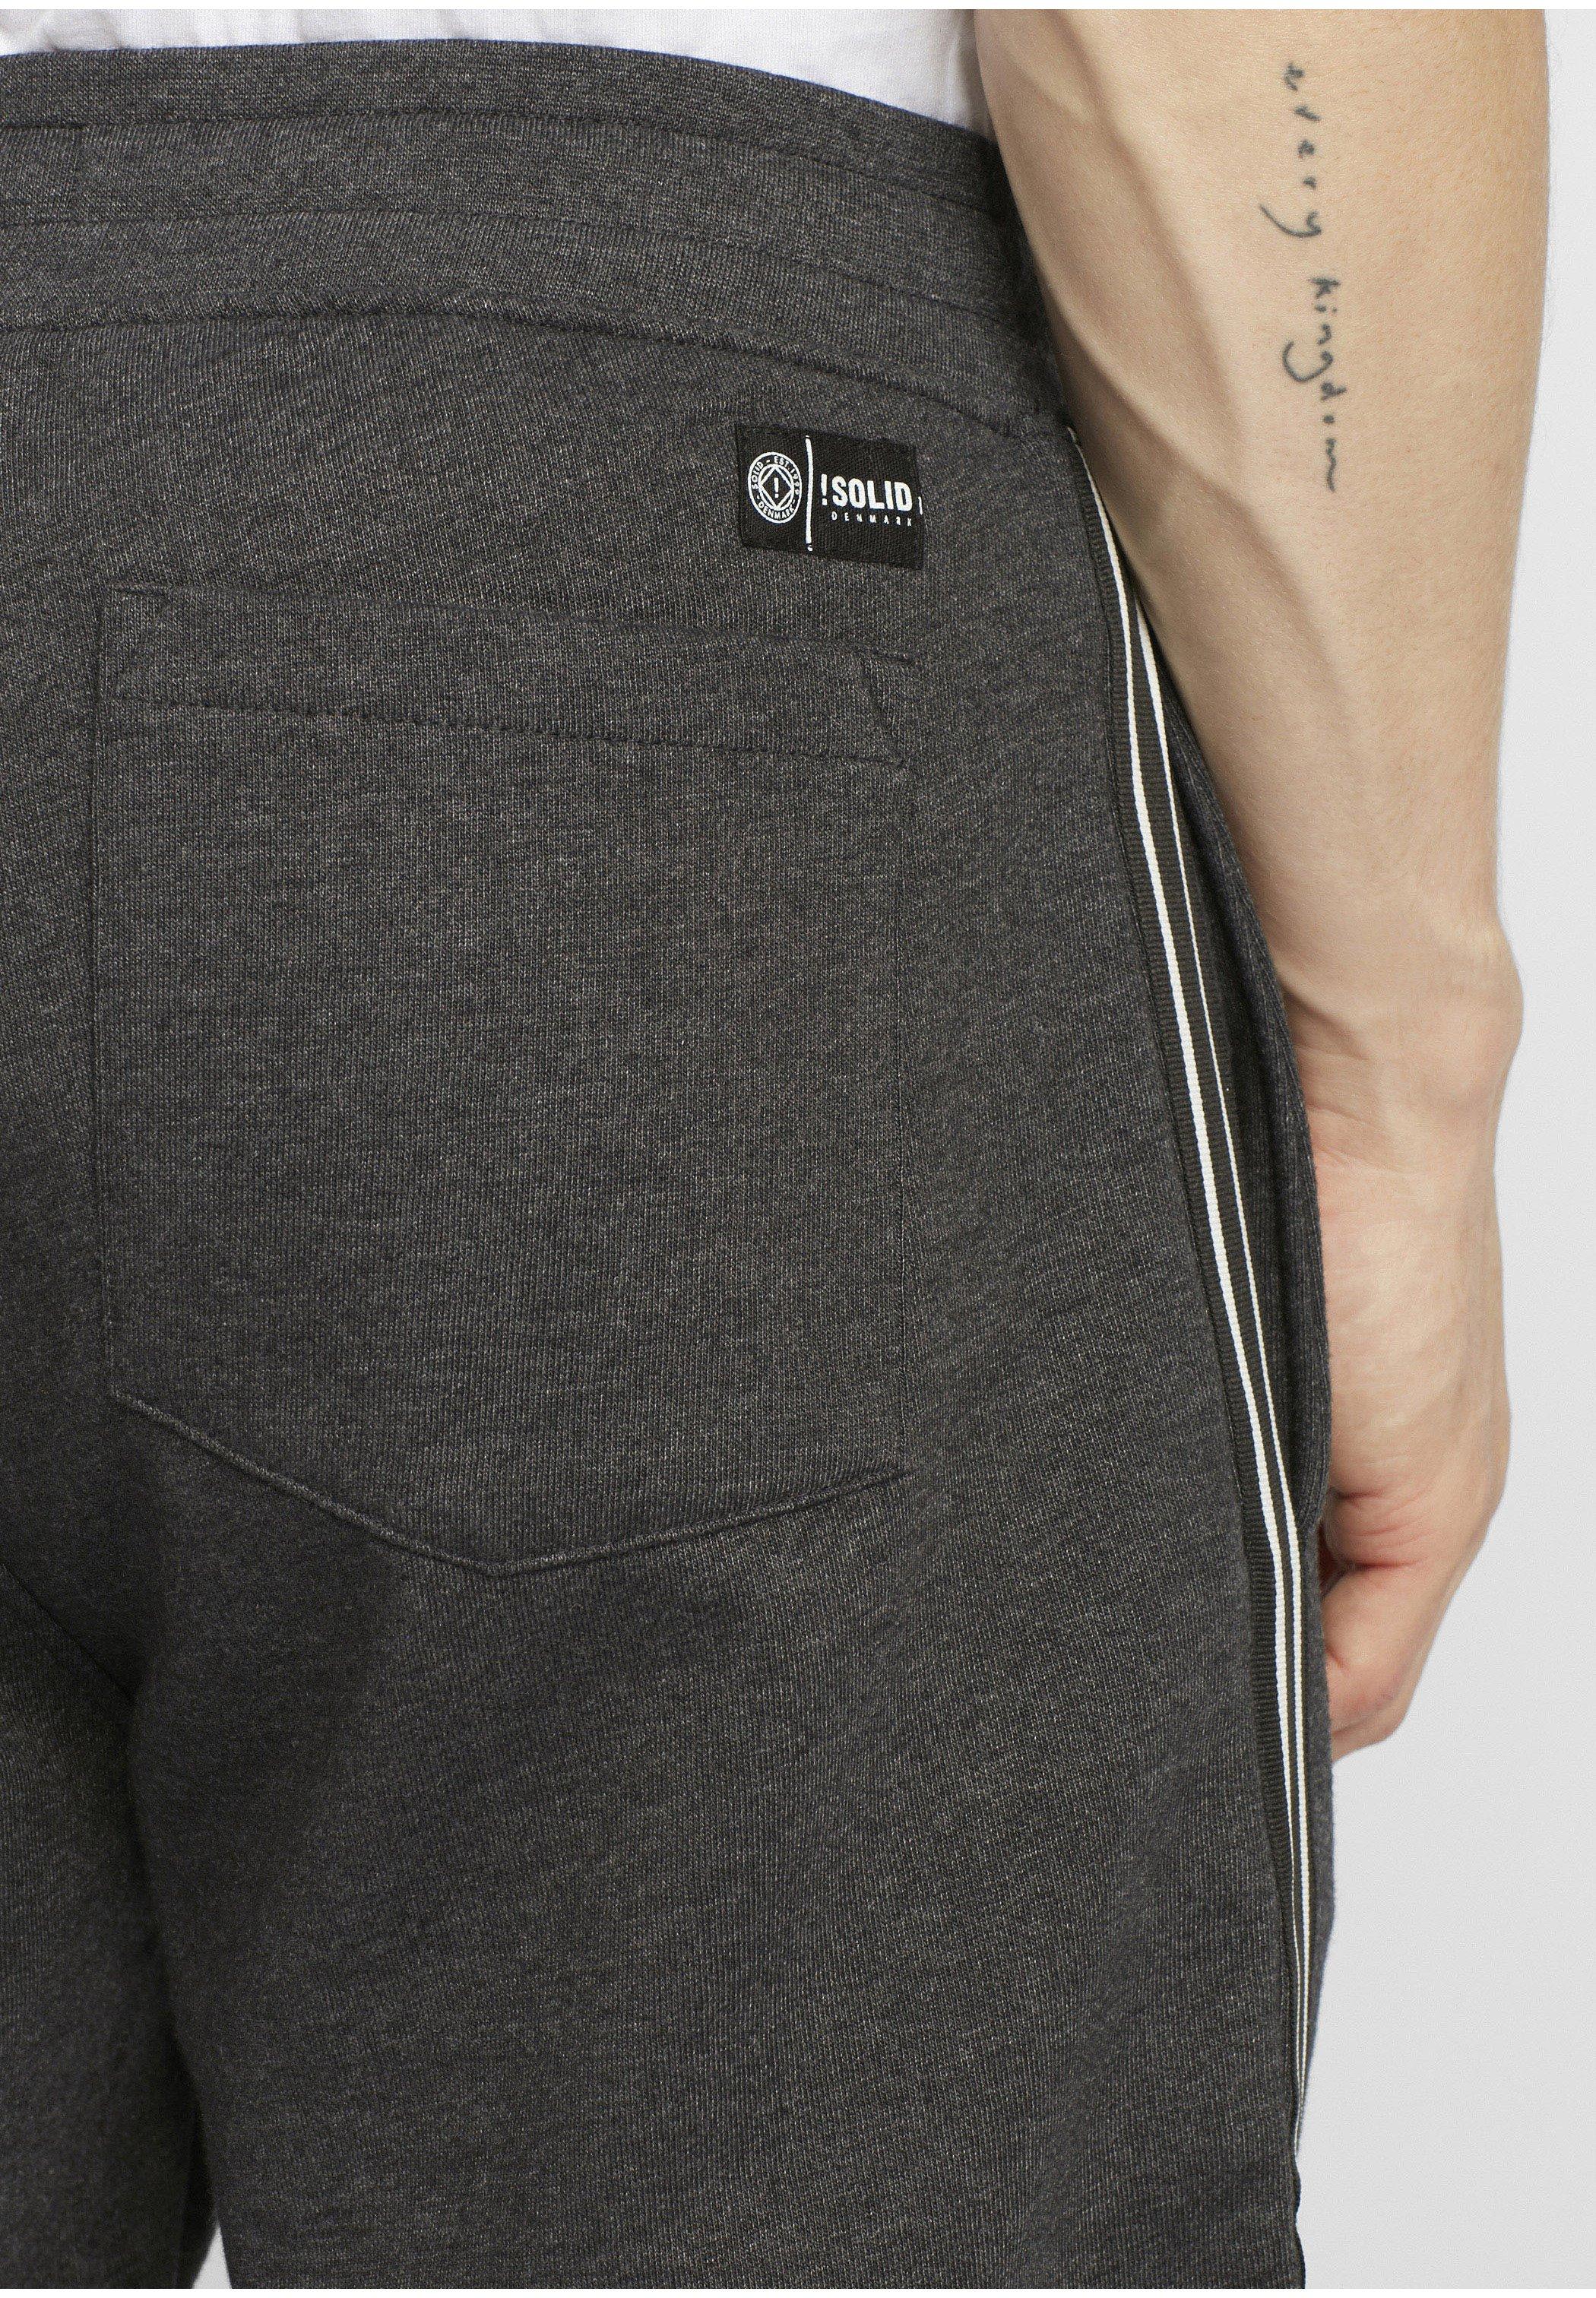 Solid Jogginghose - dark grey melange/dunkelgrau - Herrenbekleidung QY6hj